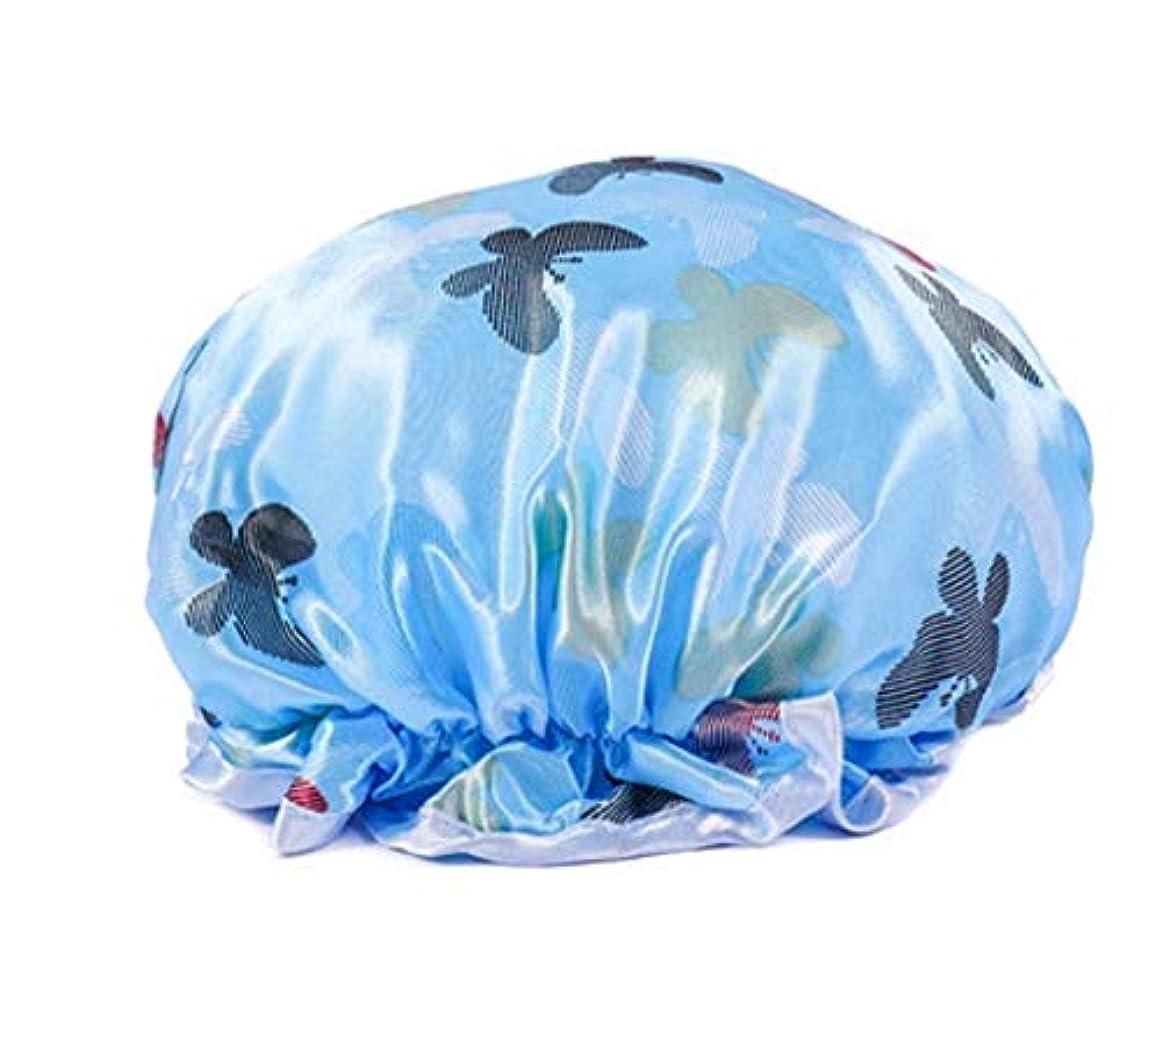 韻突然のリースシャワーキャップ 可愛い ヘアキャップ フリーサイズ 防水帽 入浴チャップ 浴用帽子 サロンの髪を保護する帽子 お風呂 旅行セット 繰り返す使用可能 化粧帽 油煙を防ぐ ヘアーターバン (ブルー)